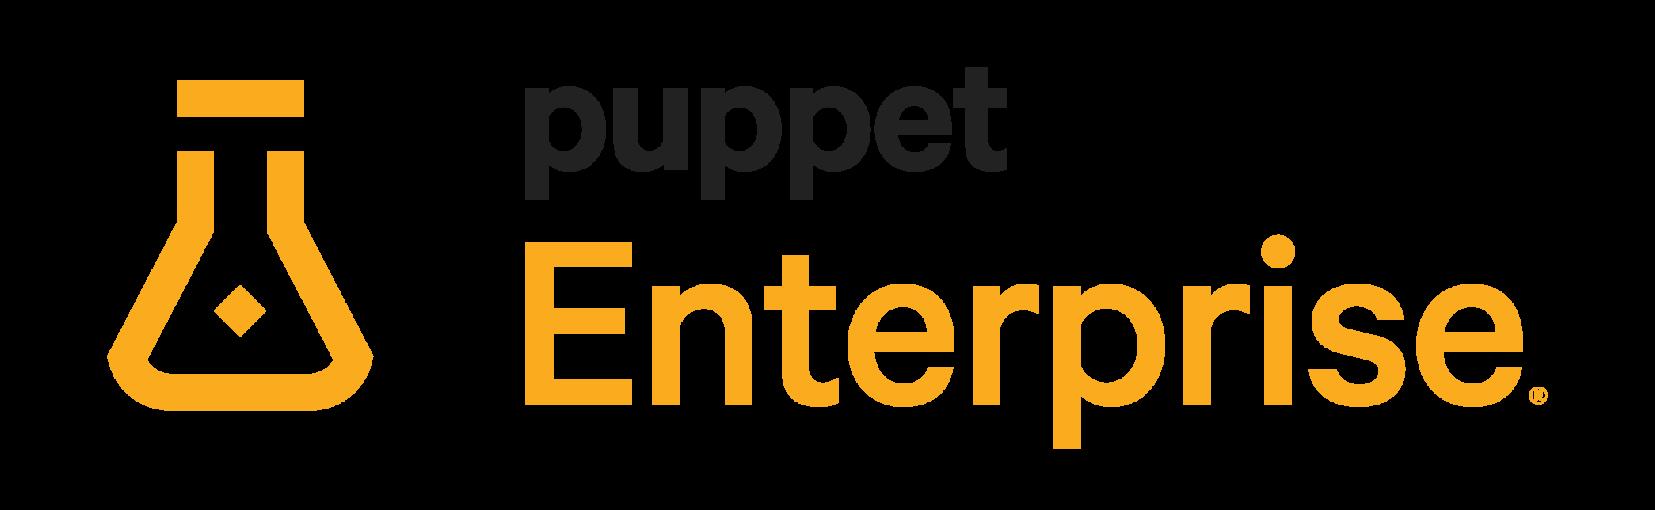 puppet docs enterprise